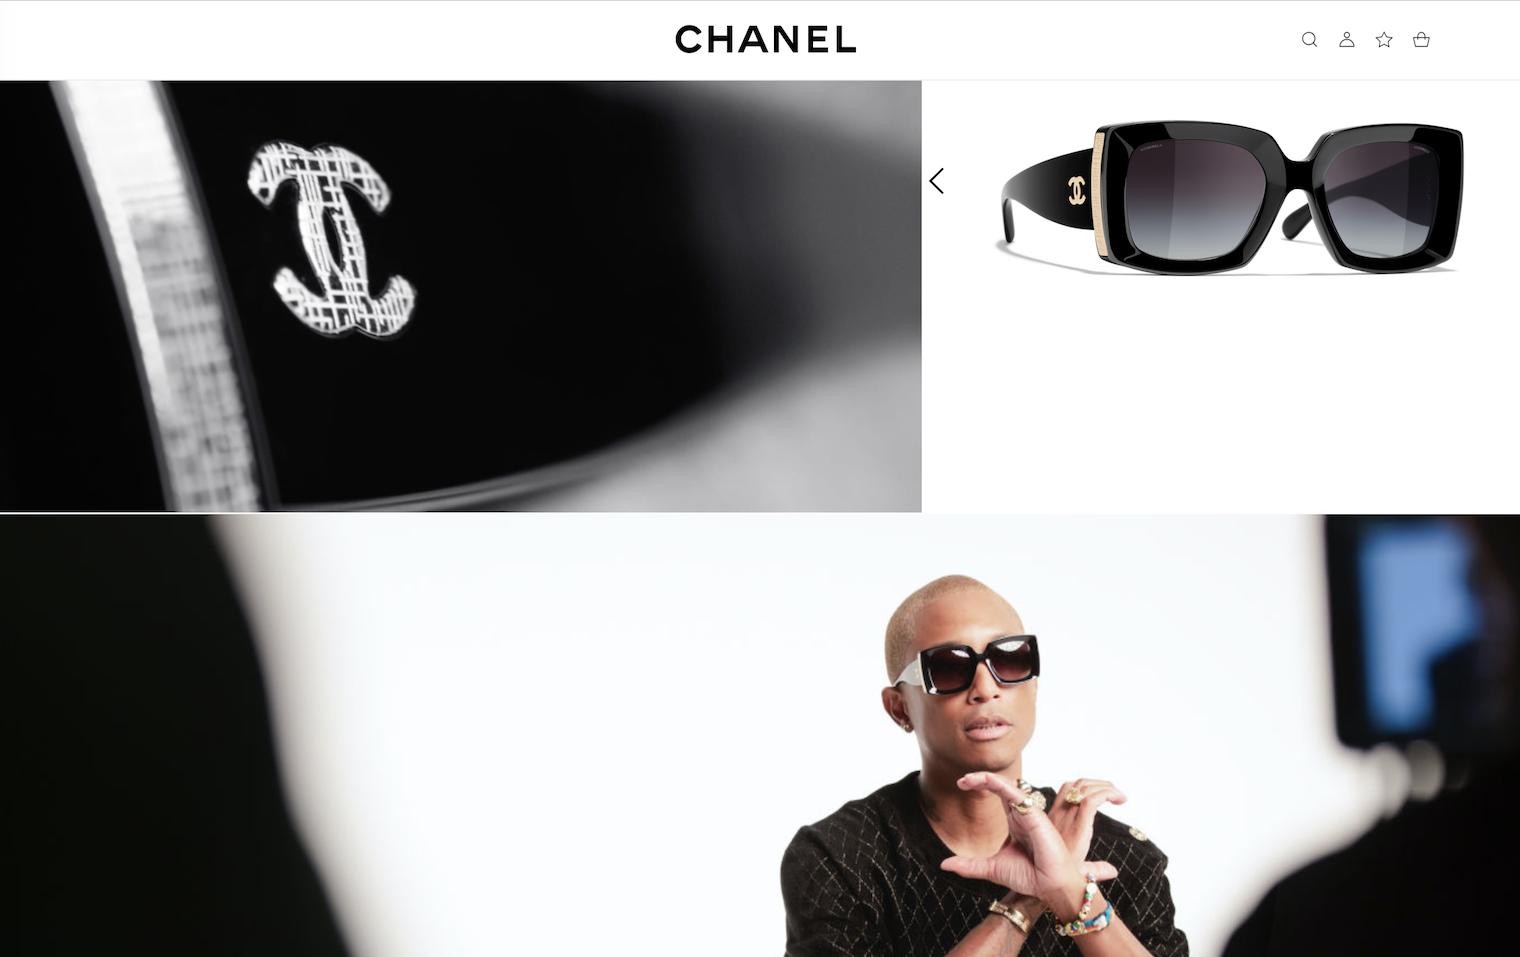 Chanel进一步扩大官网的眼镜电商业务